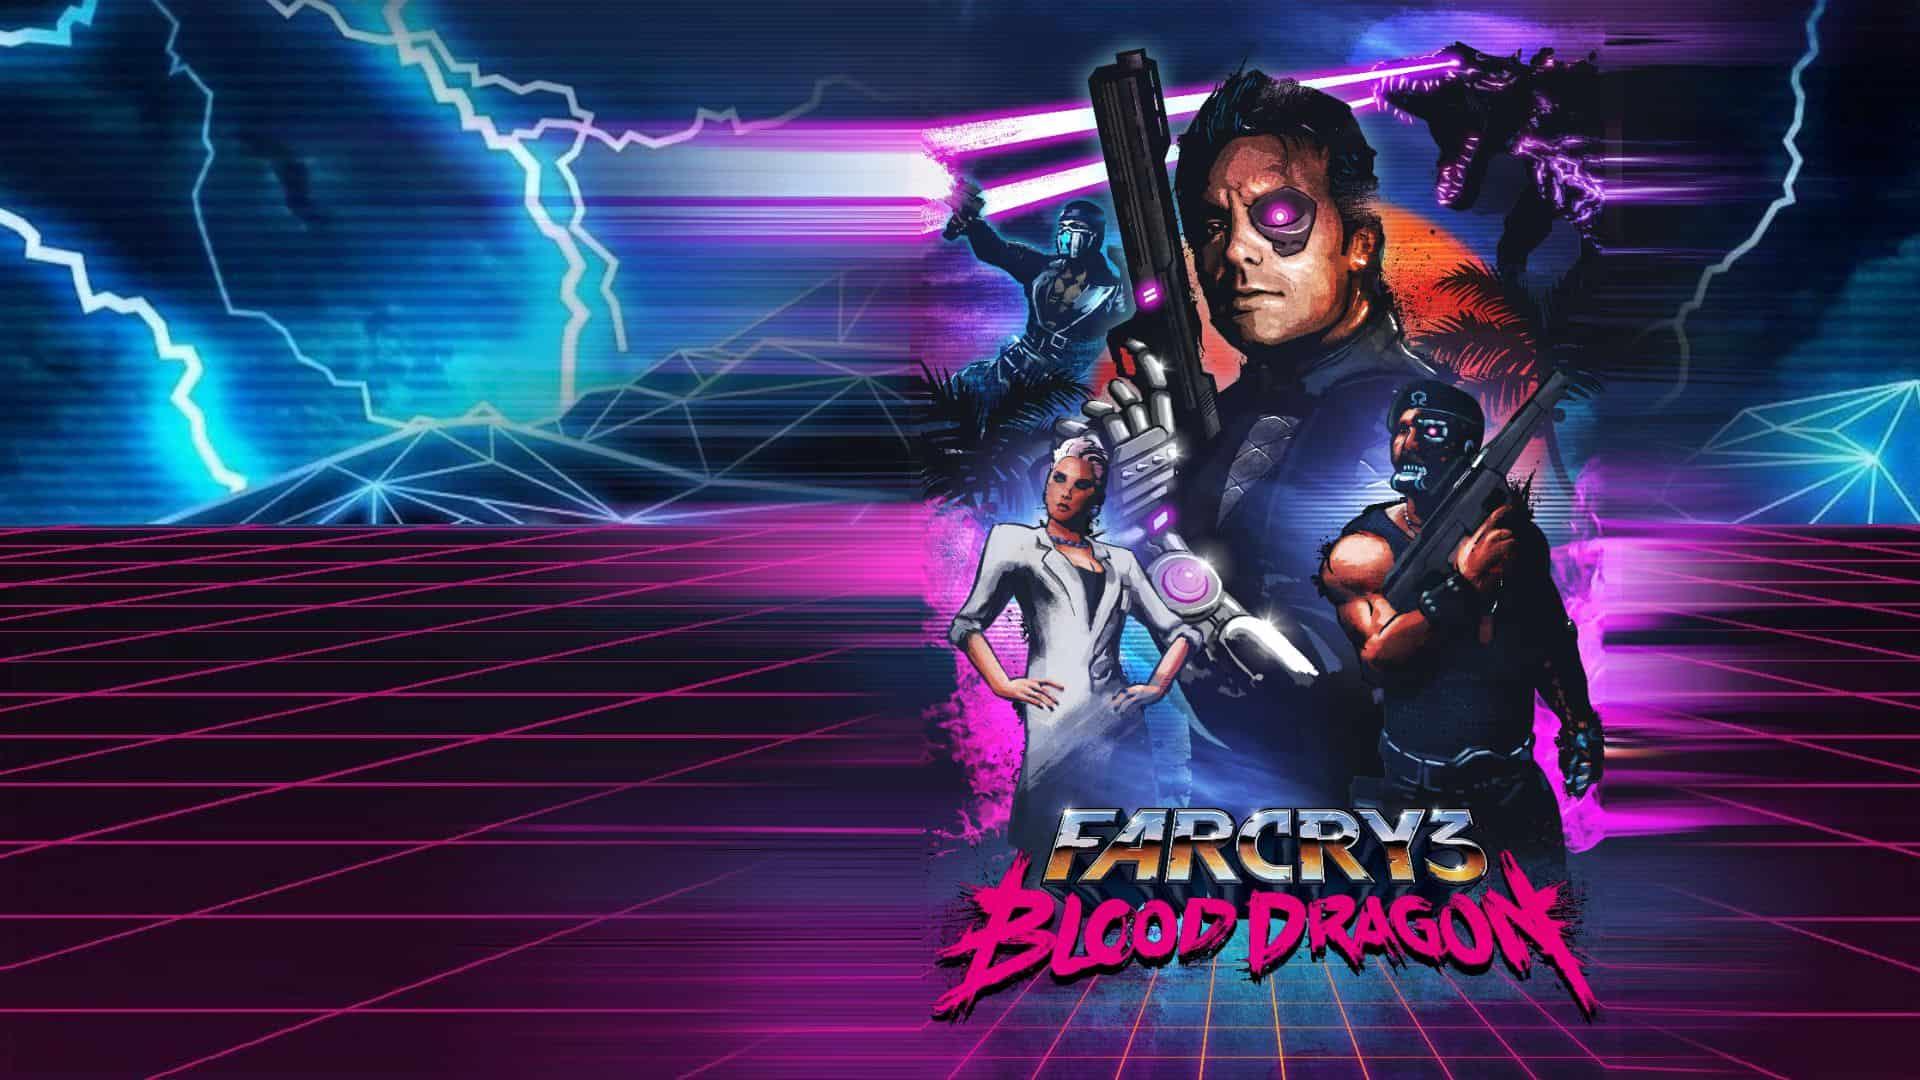 Best Far Cry Games - Far Cry 3 Blood Dragon